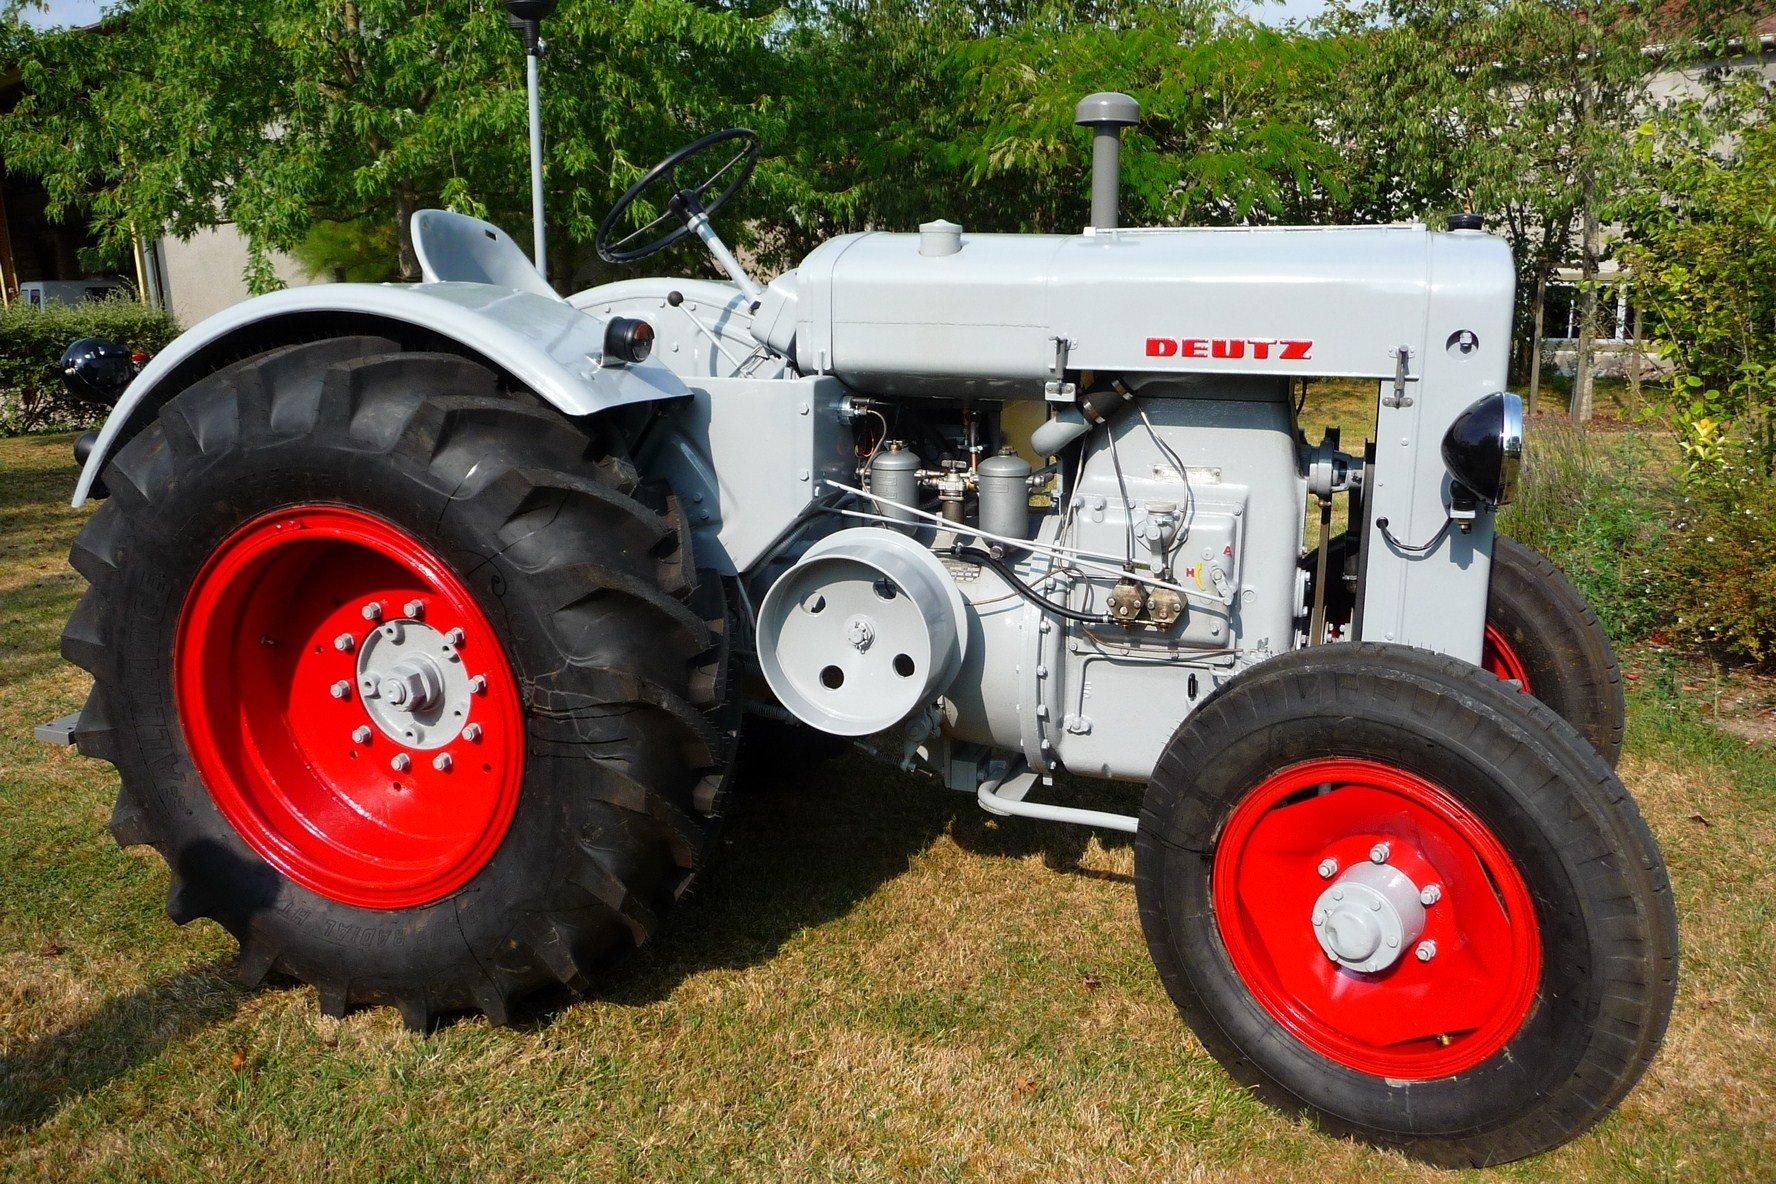 Deutz les vieux tracteurs agricoles - Image tracteur ...